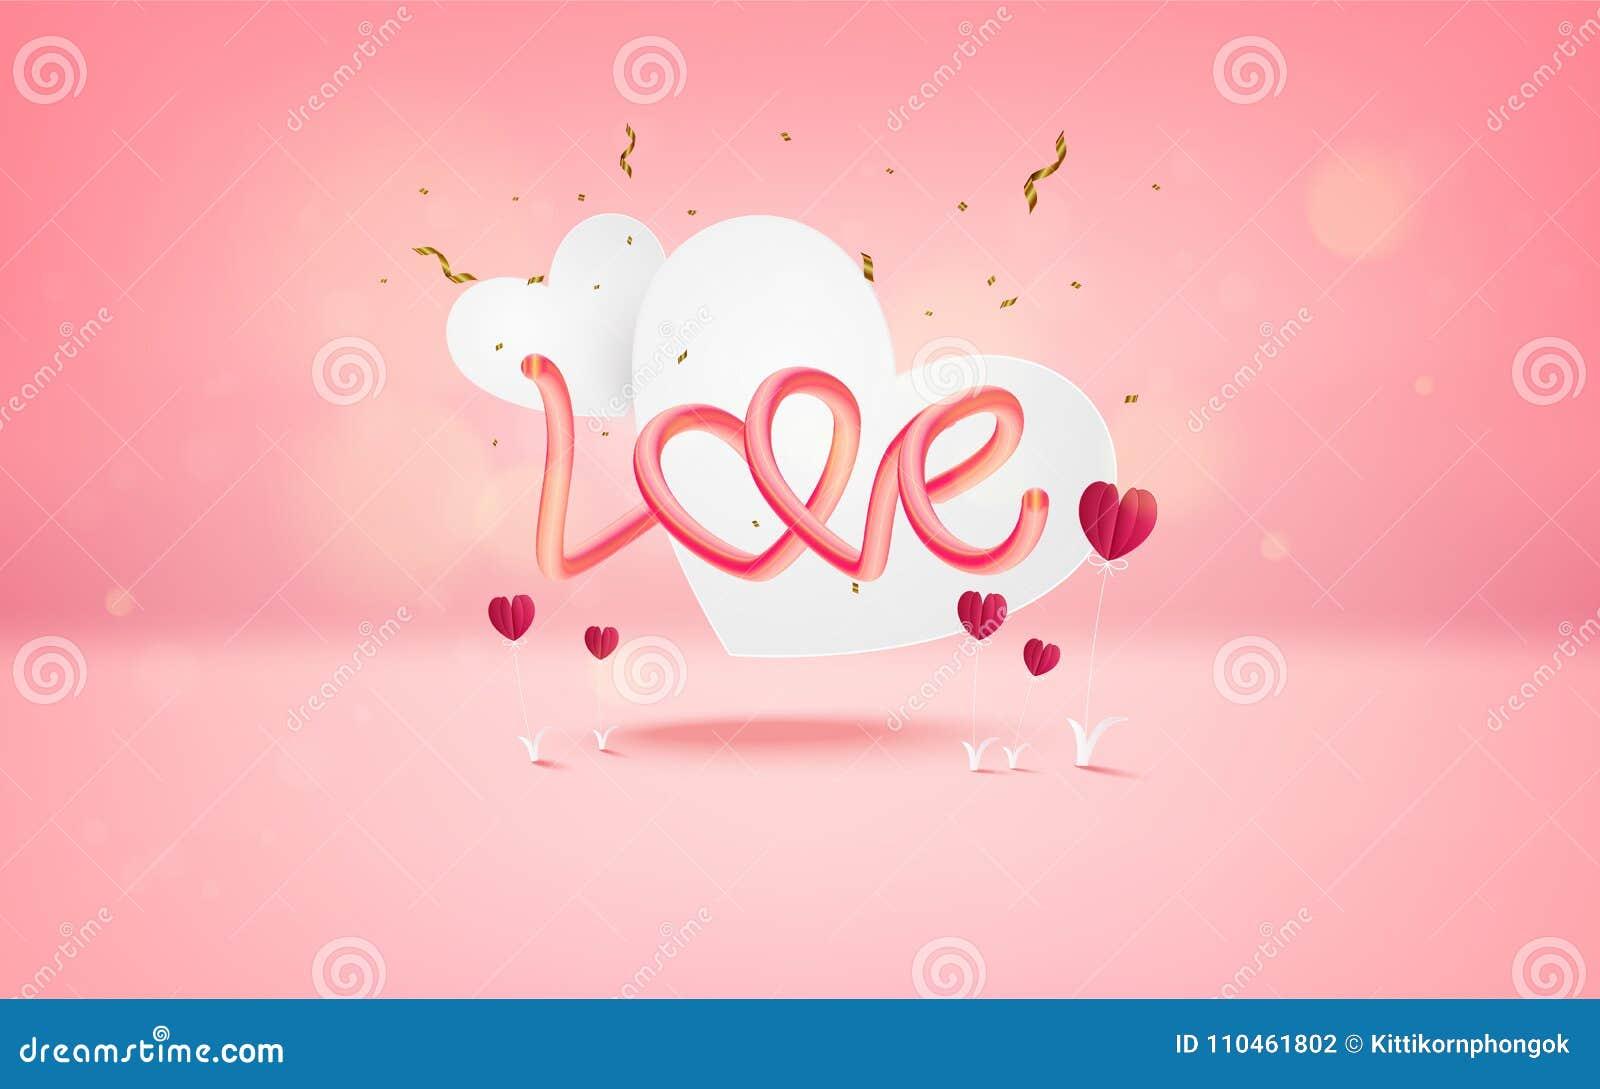 Vektorillustration av förälskelse- och valentindagen med textFÖRÄLSKELSE och